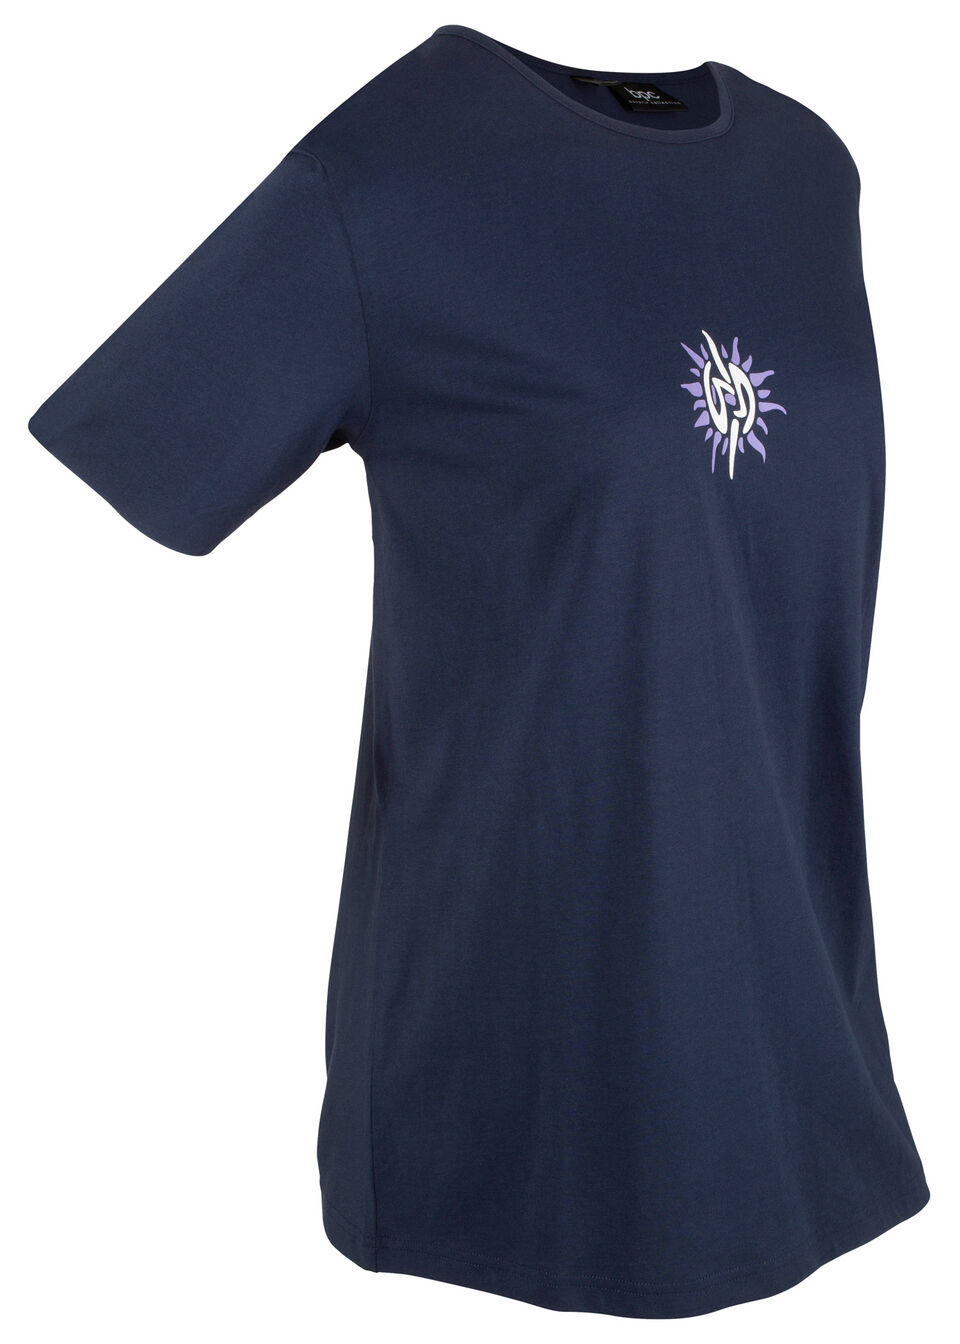 Купить Удлиненная хлопковая футболка, bonprix, темно-синий/белый